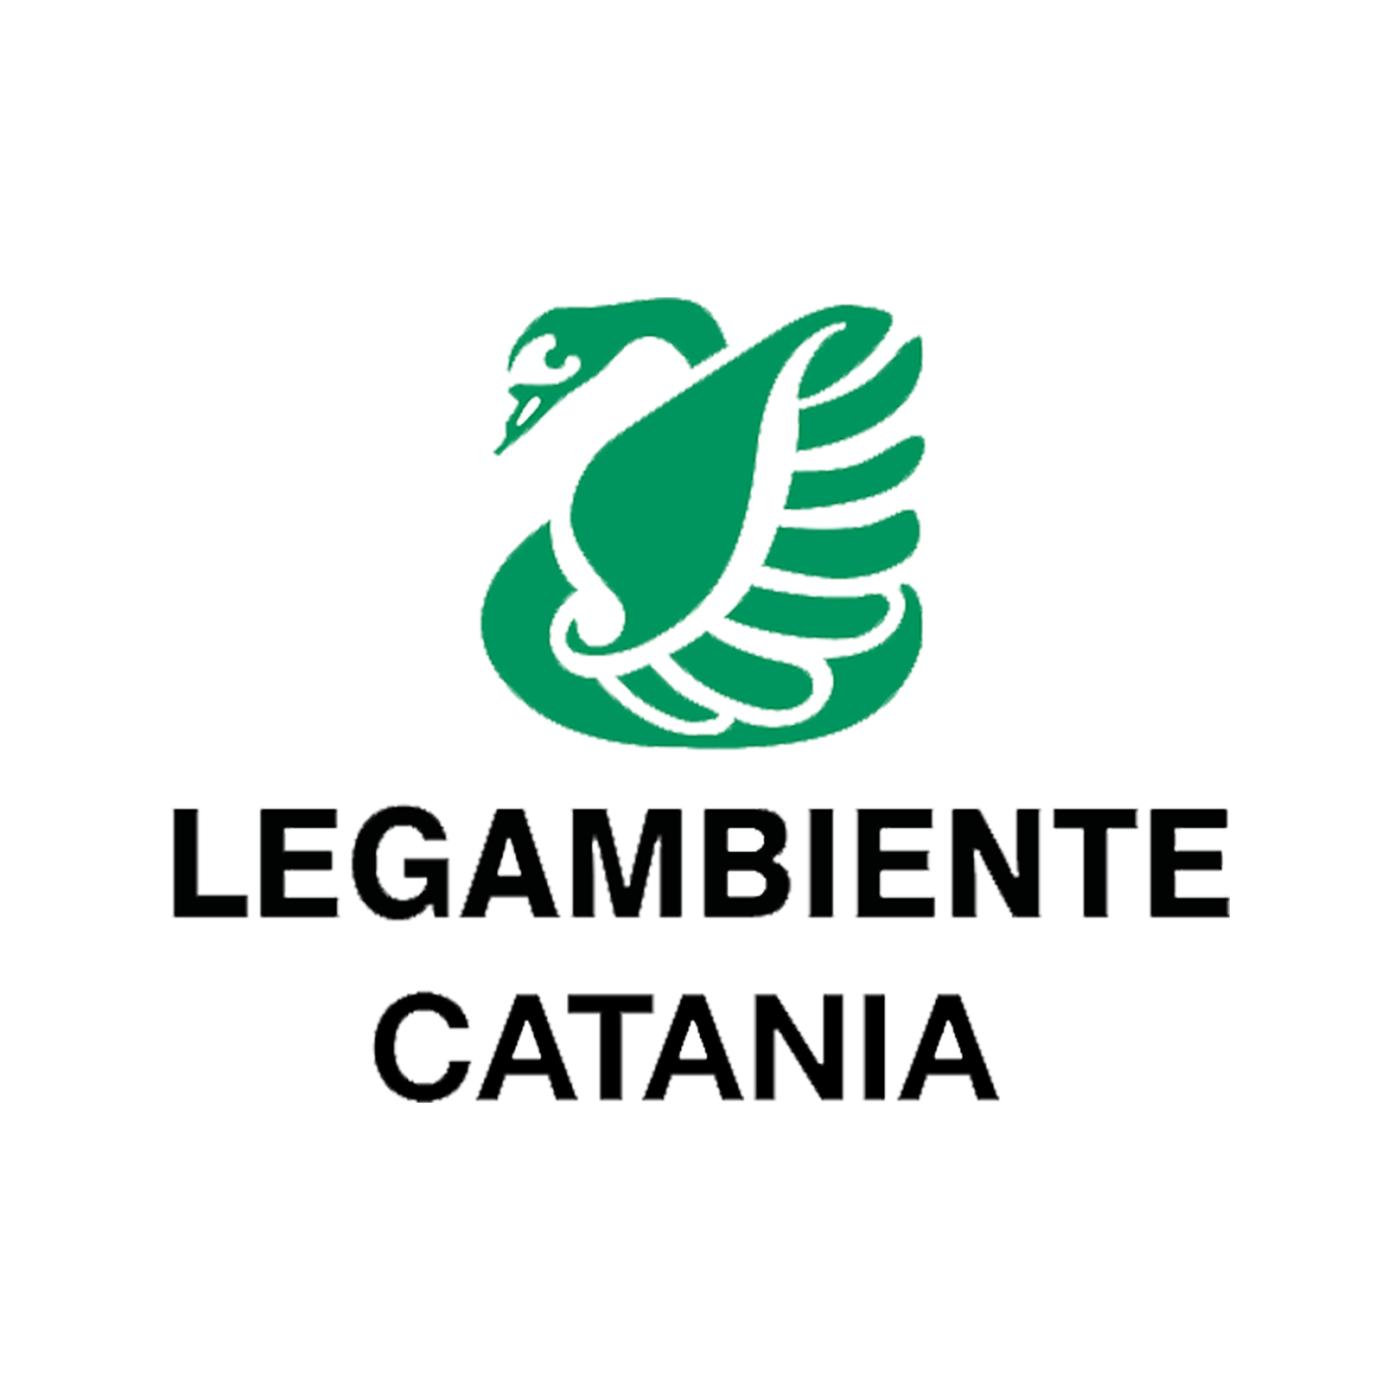 Legambiente Catania